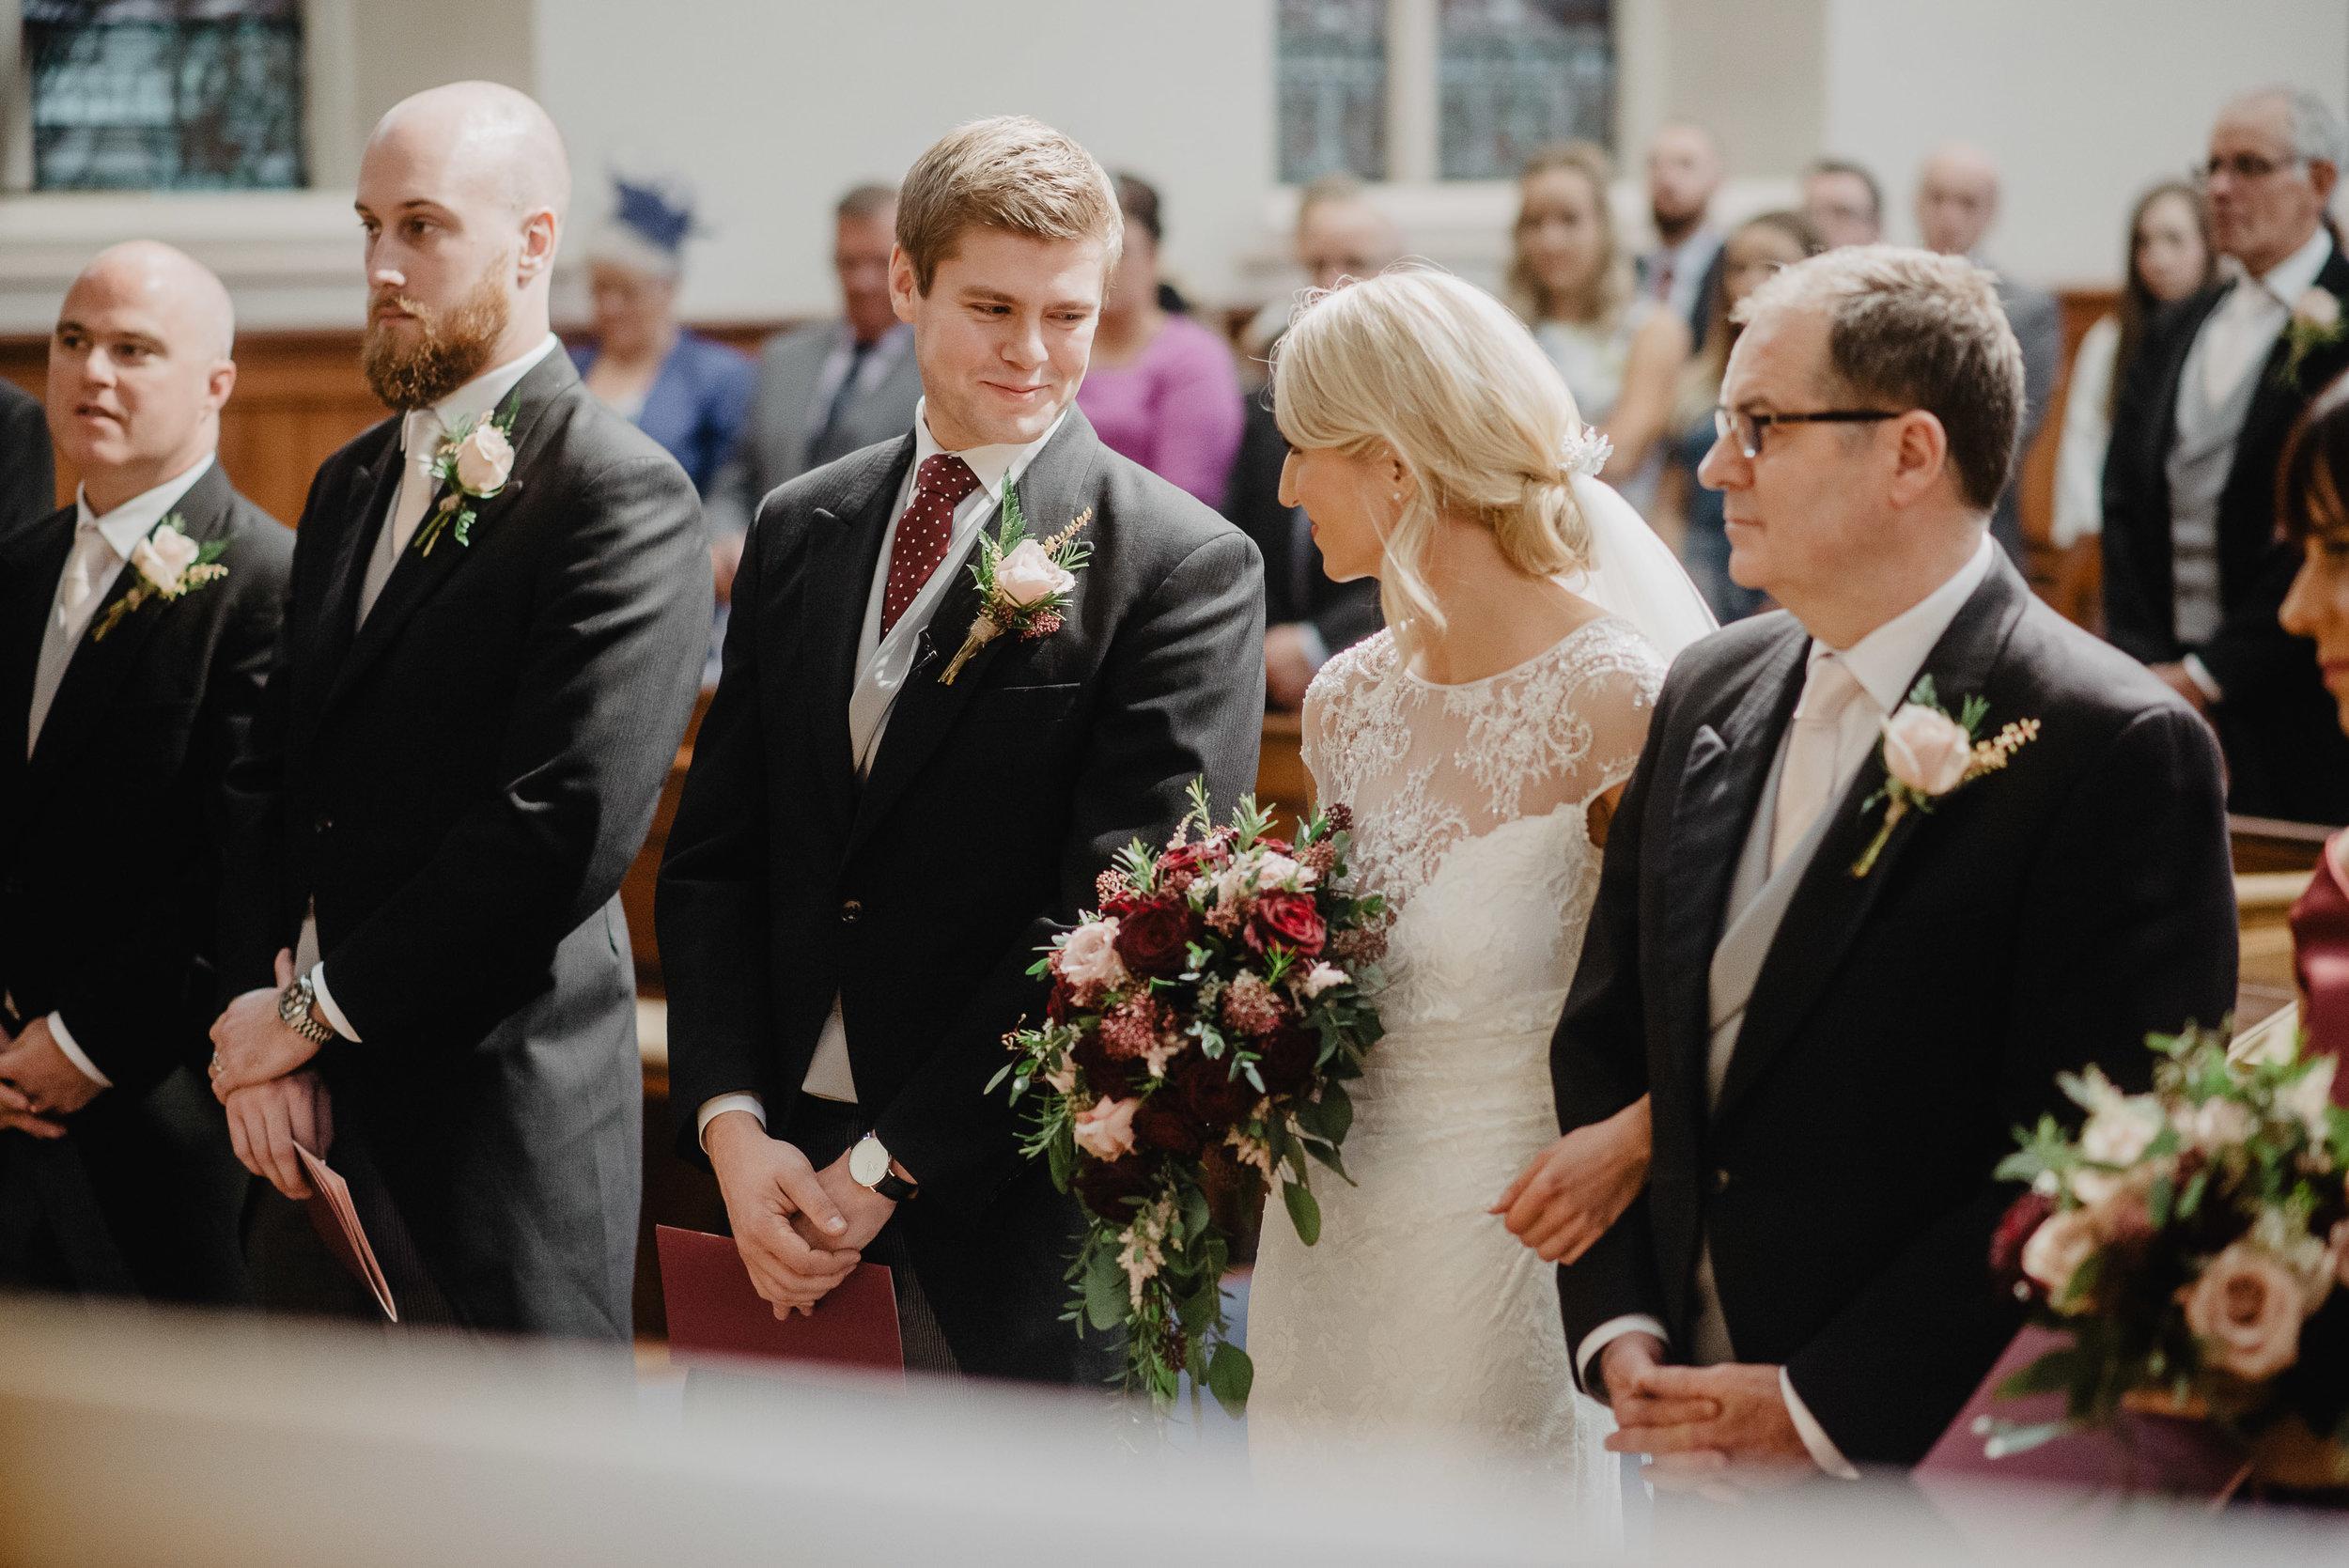 larchfield estate wedding photos-42.jpg